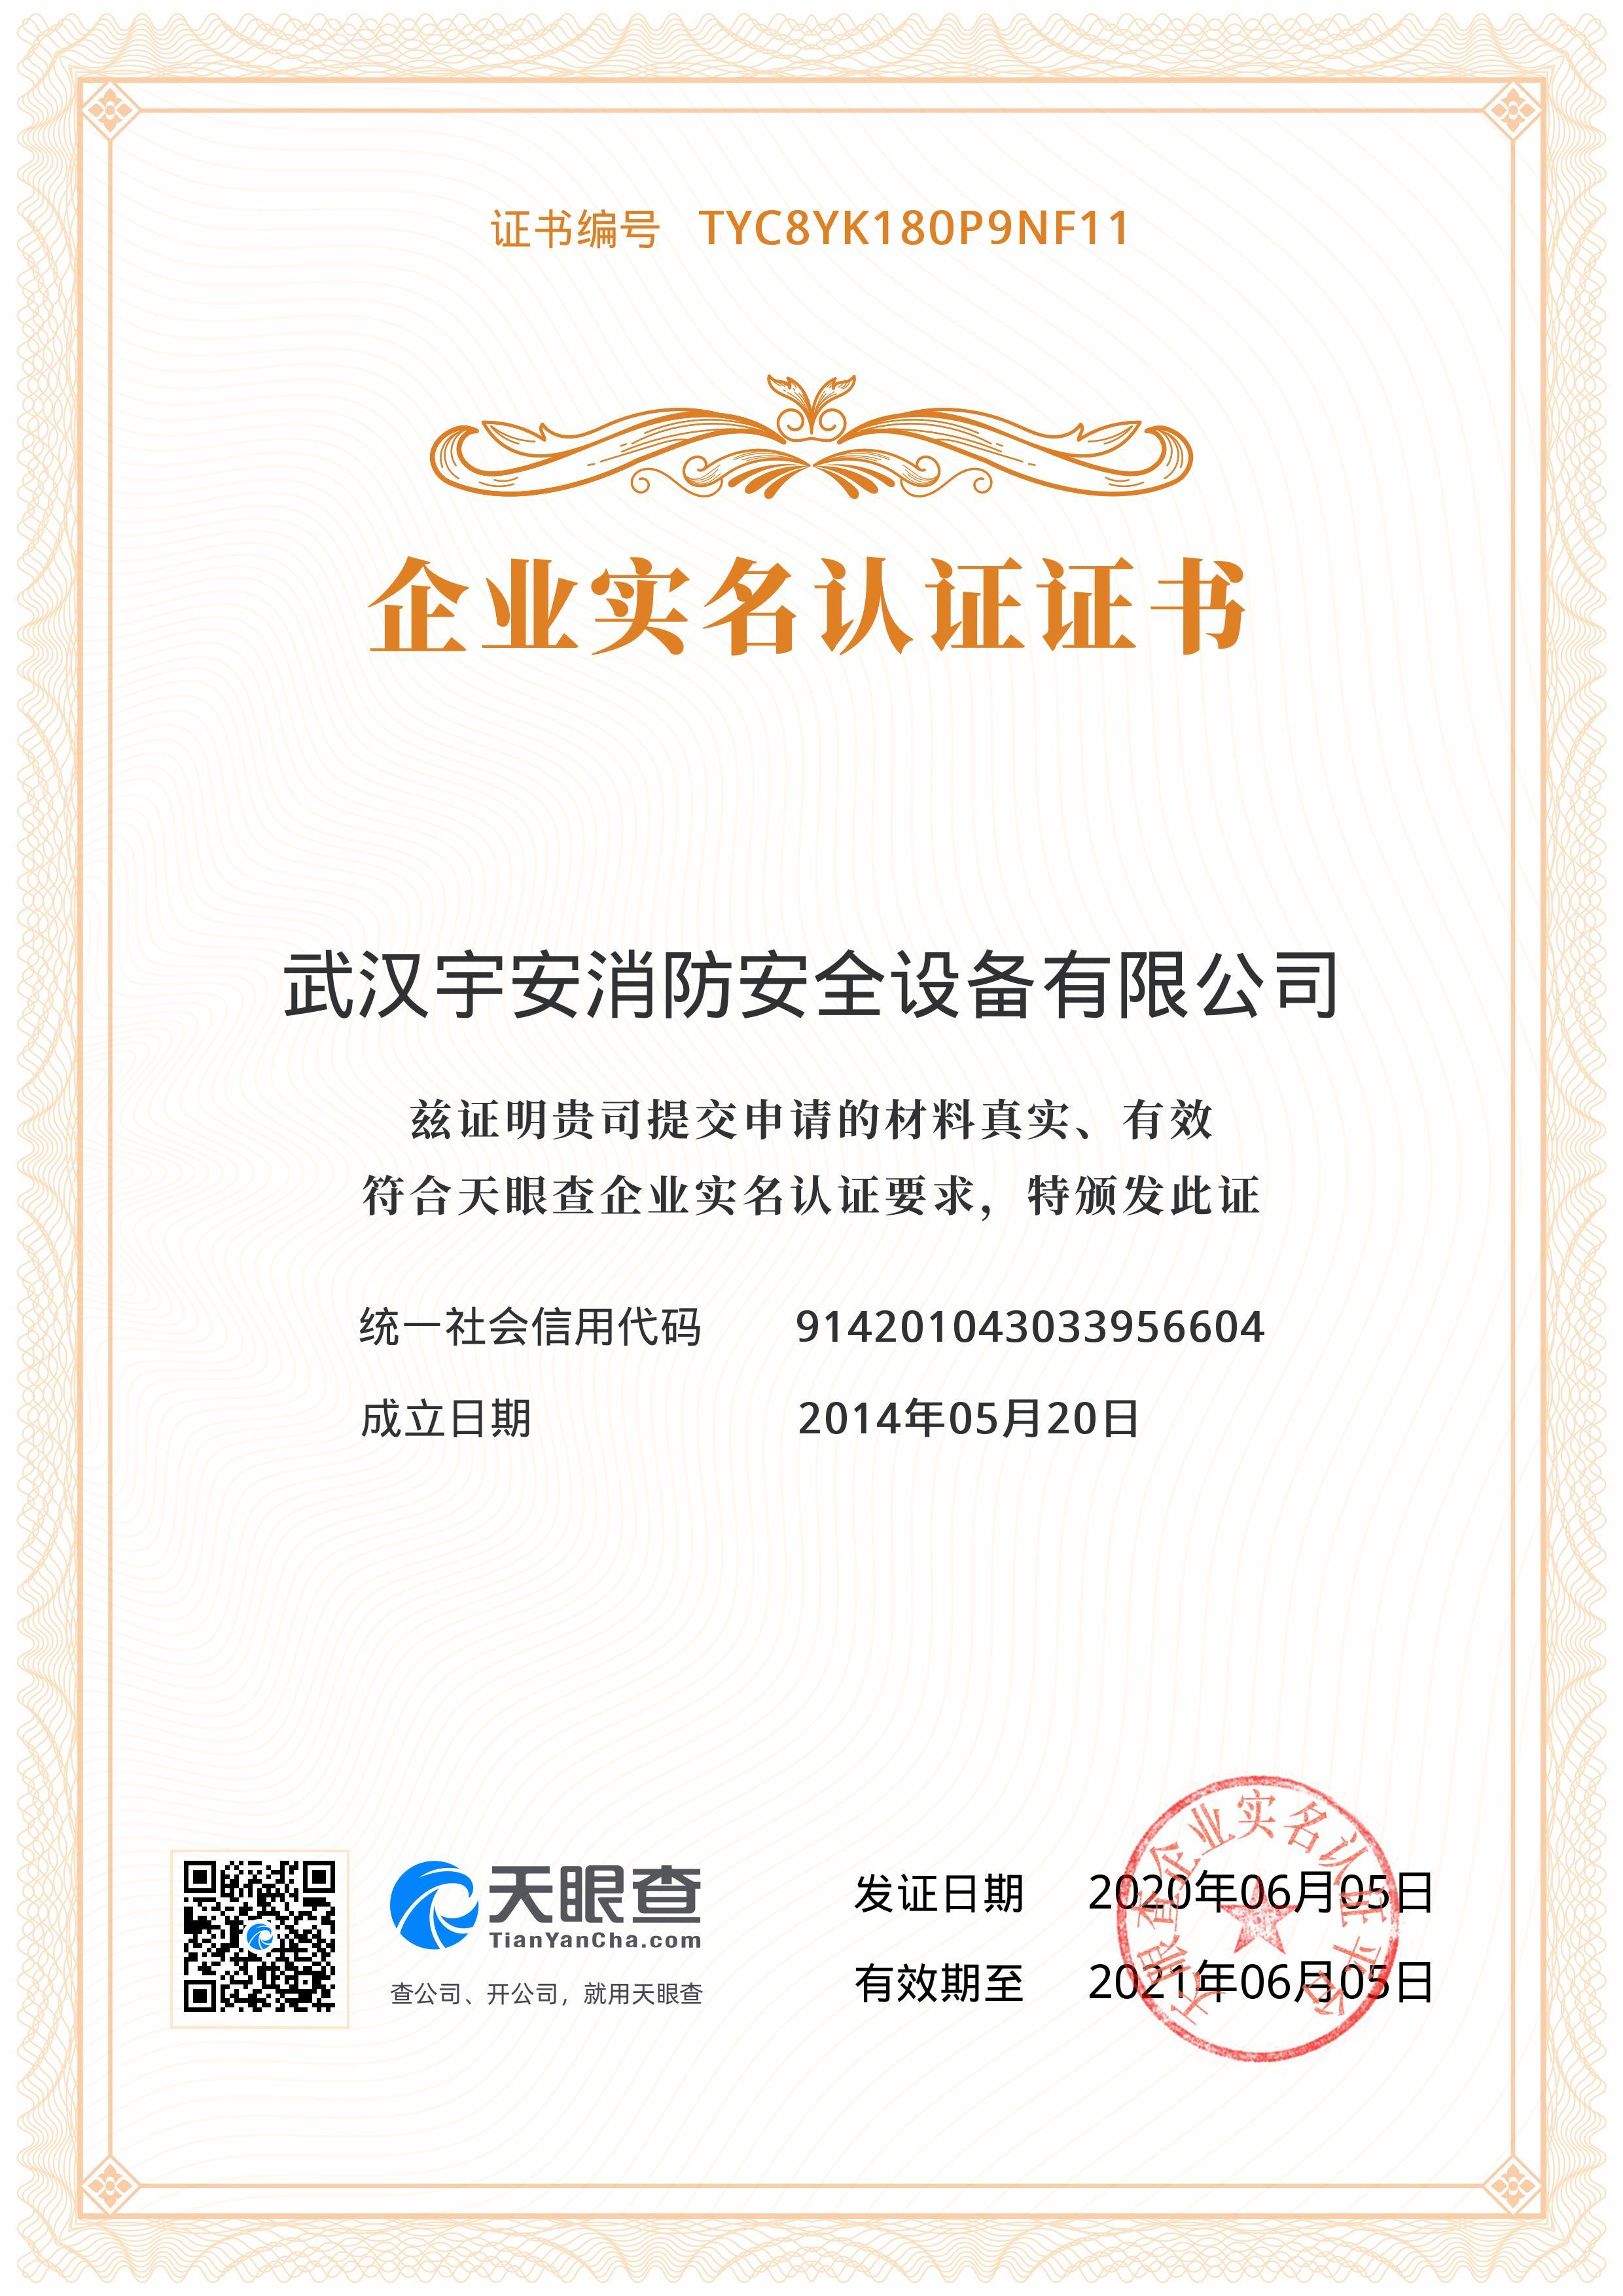 天眼查企业实名认证证书